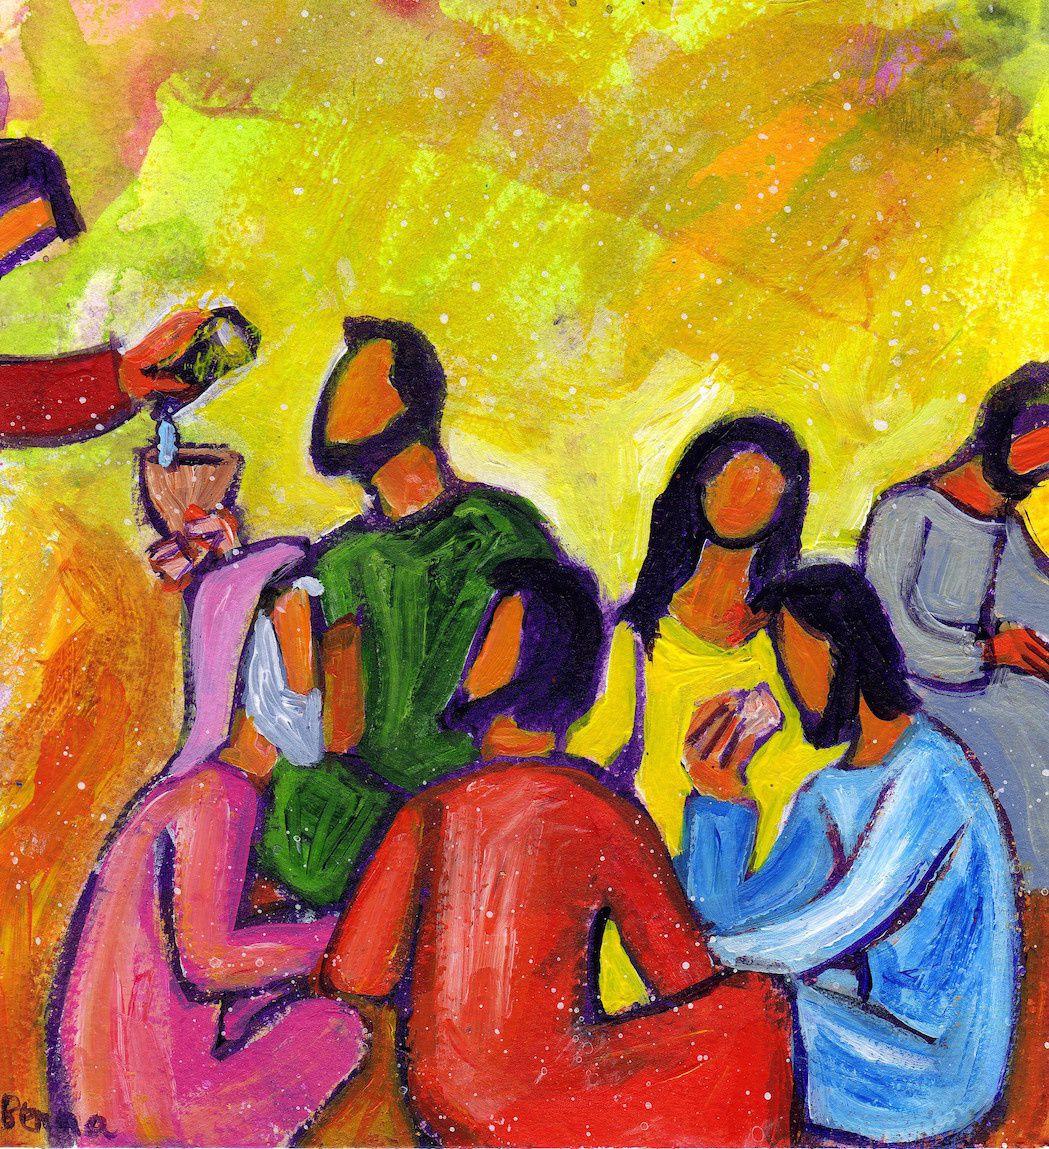 Jésus et le Père, le disciple et les gens de sa propre maison - Homélie 13ème dimanche du Temps Ordinaire A